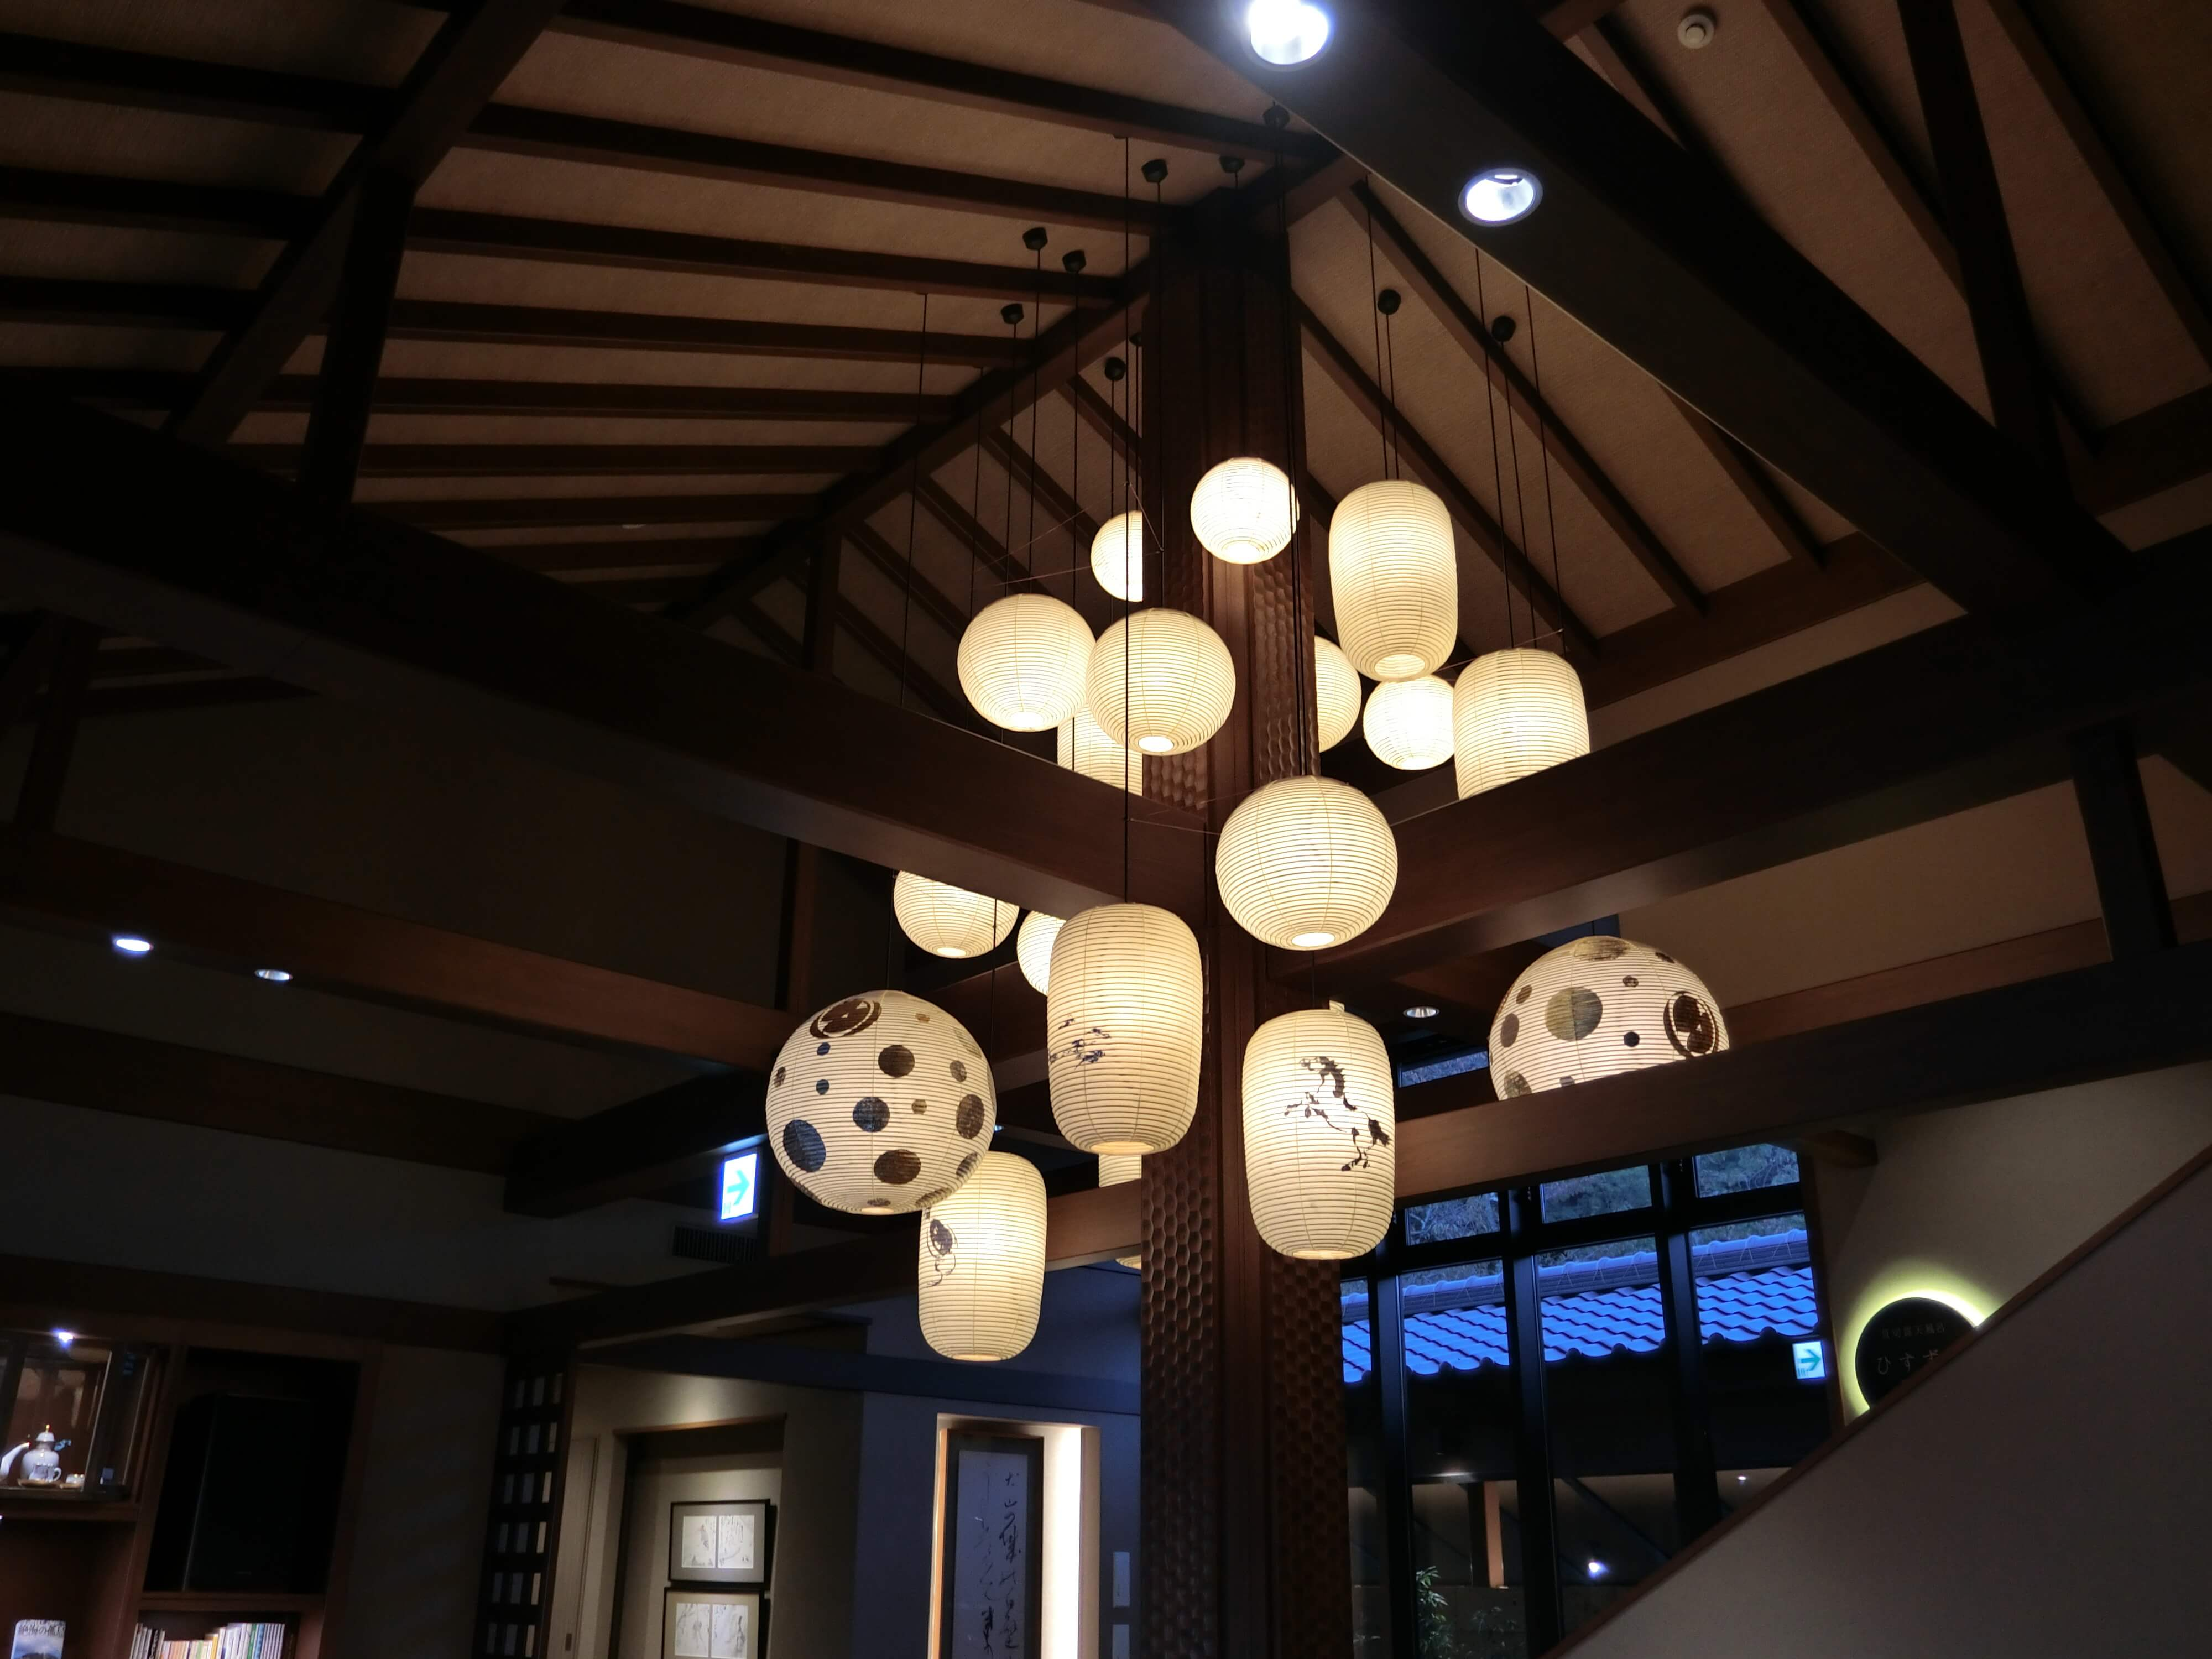 【犬山市高級旅館】灯屋 迎帆楼(あかりや げいはんろう)|ラウンジ2